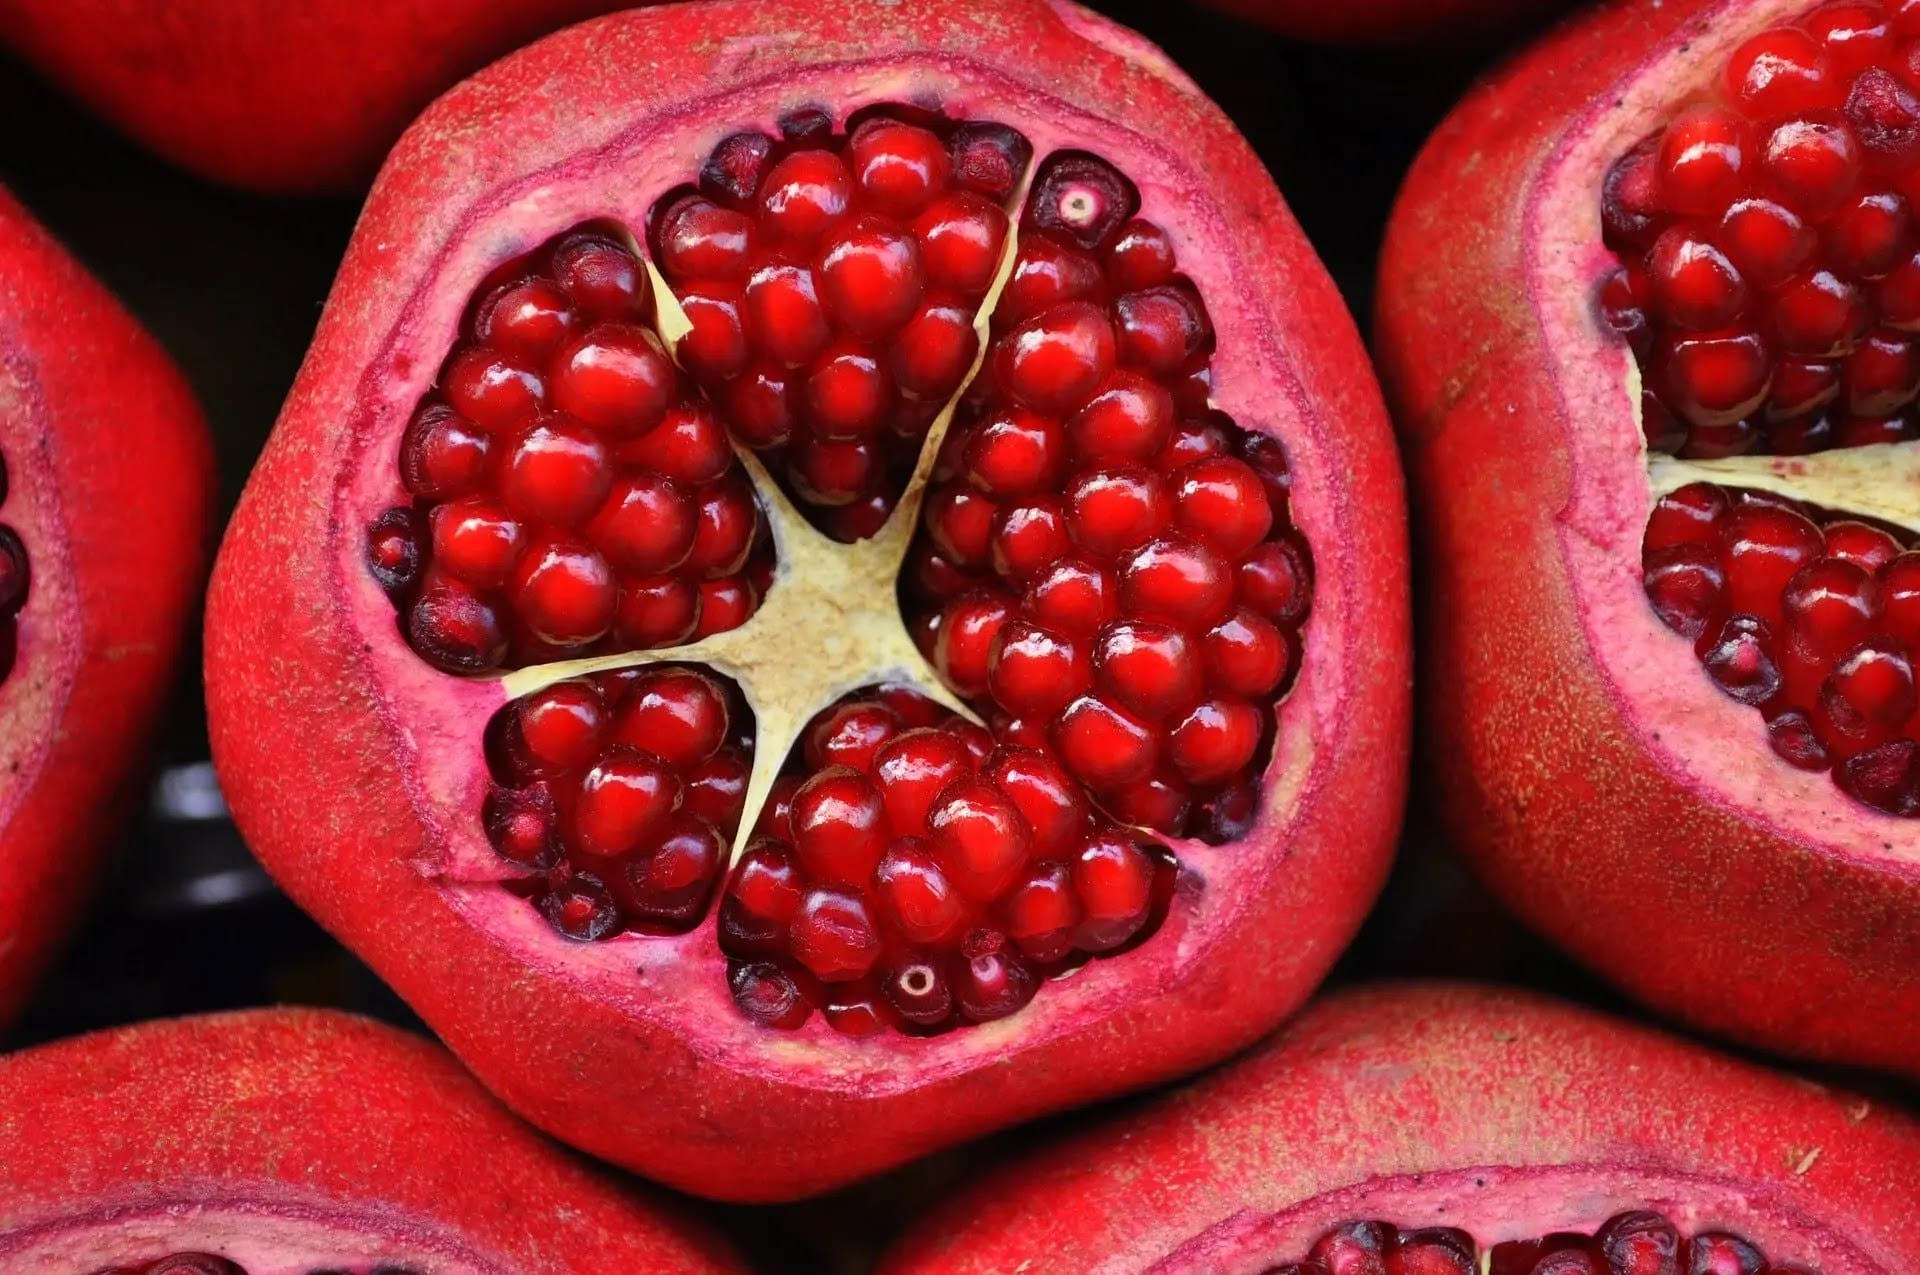 فوائد الرمان للبشرة | فاكهة من الجنة